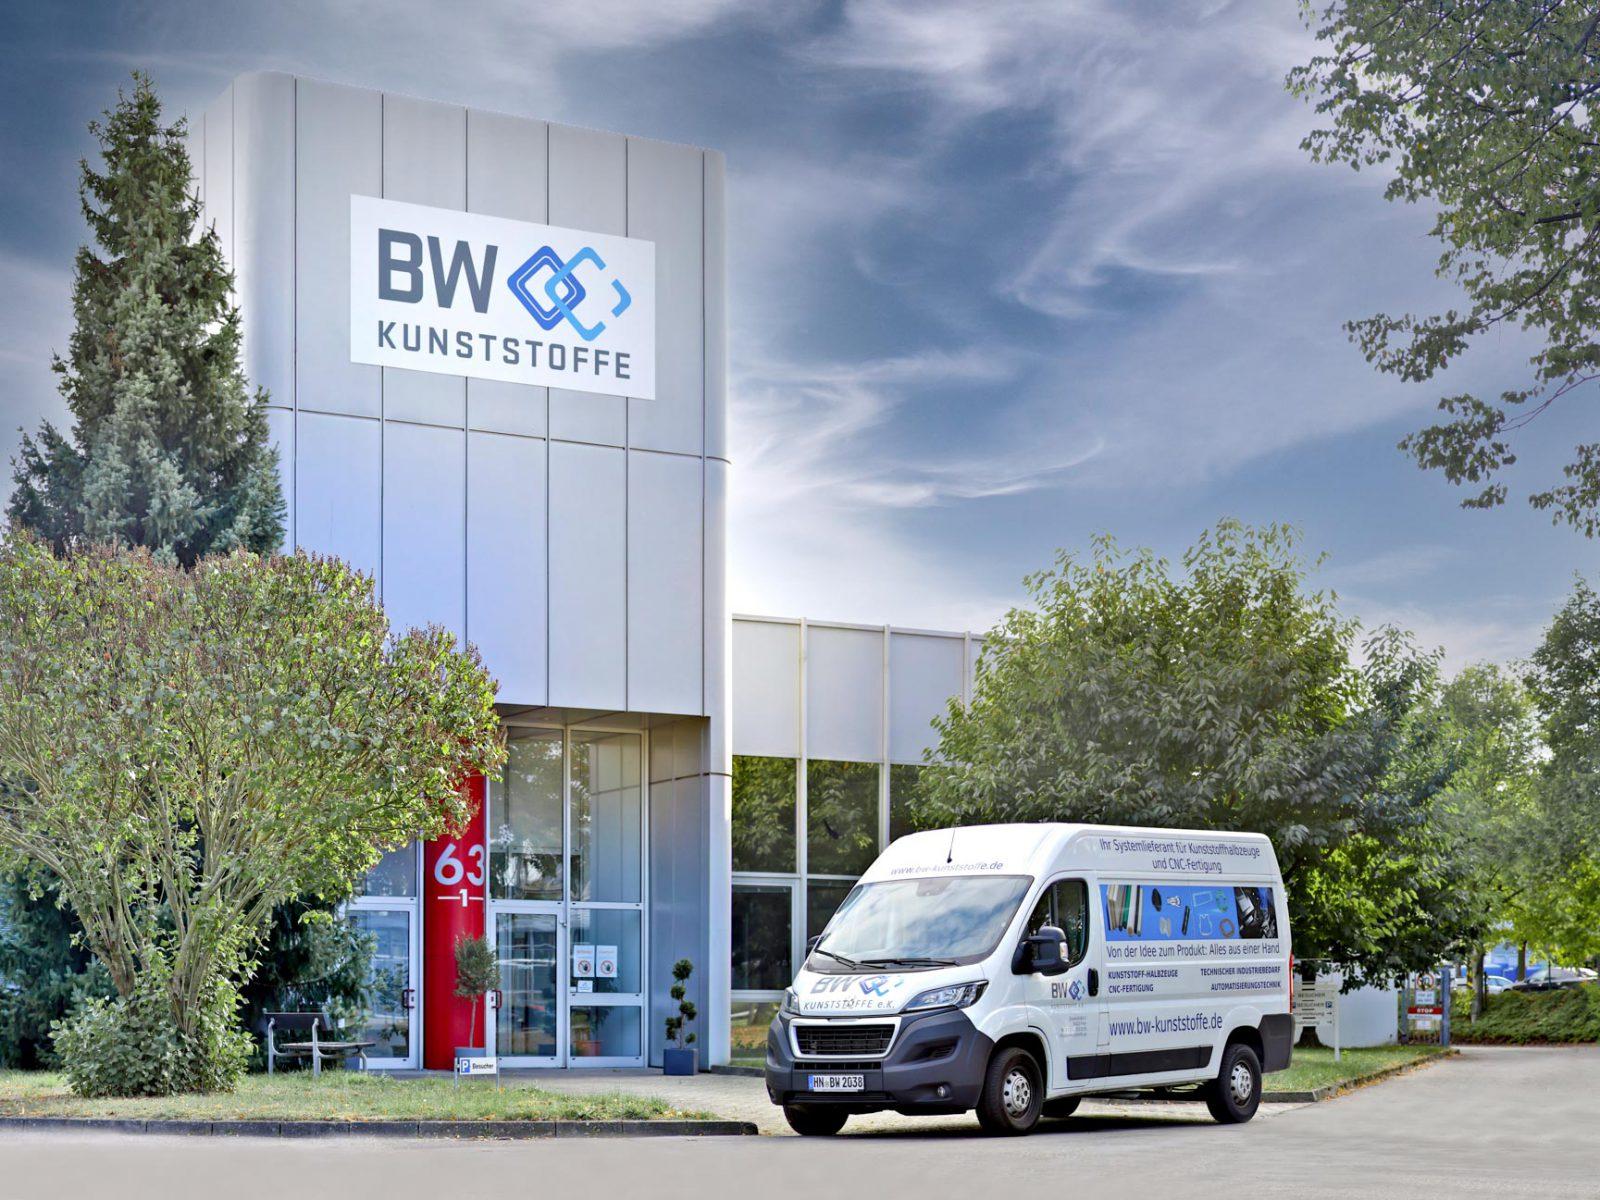 BW-Kunststoffe-Unternehmen-1